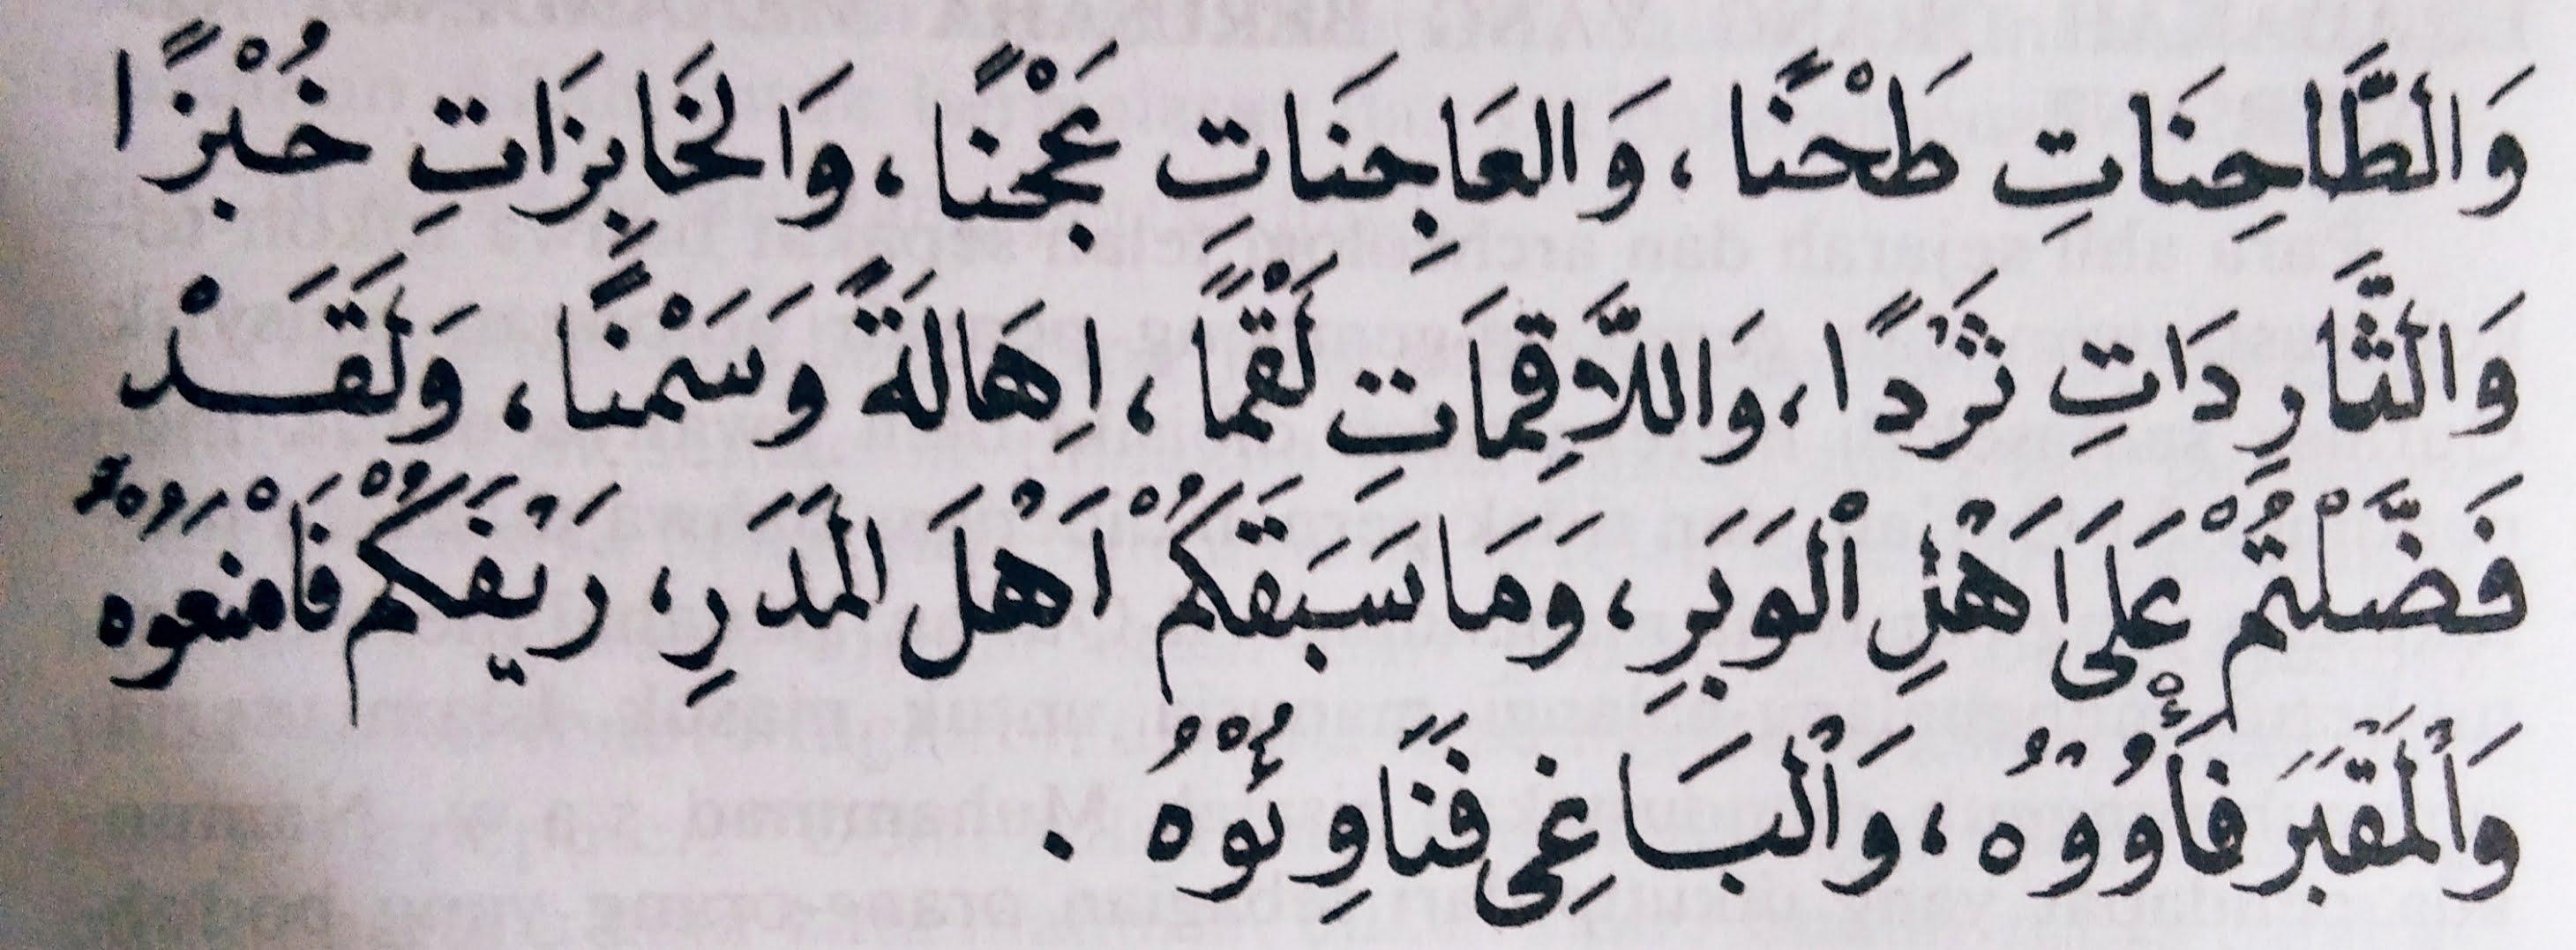 Selain Musailamah, Inilah Tokoh Quraish yang Mencoba Menandingi Al-Quran Namun Gagal